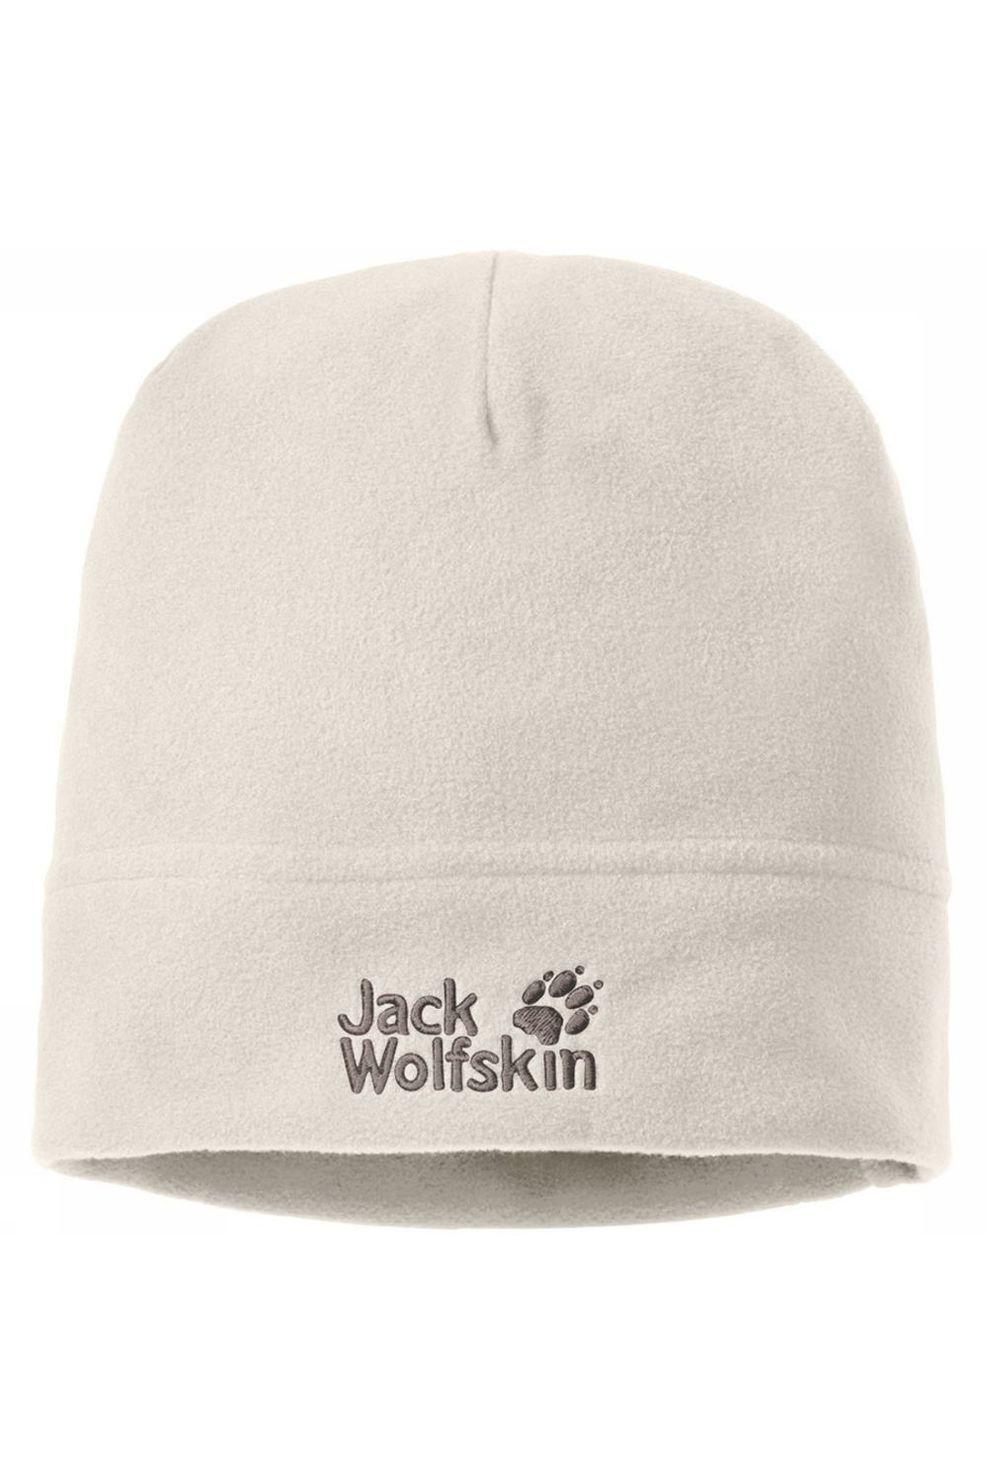 Jack Wolfskin Muts Real Stuff voor heren Wit